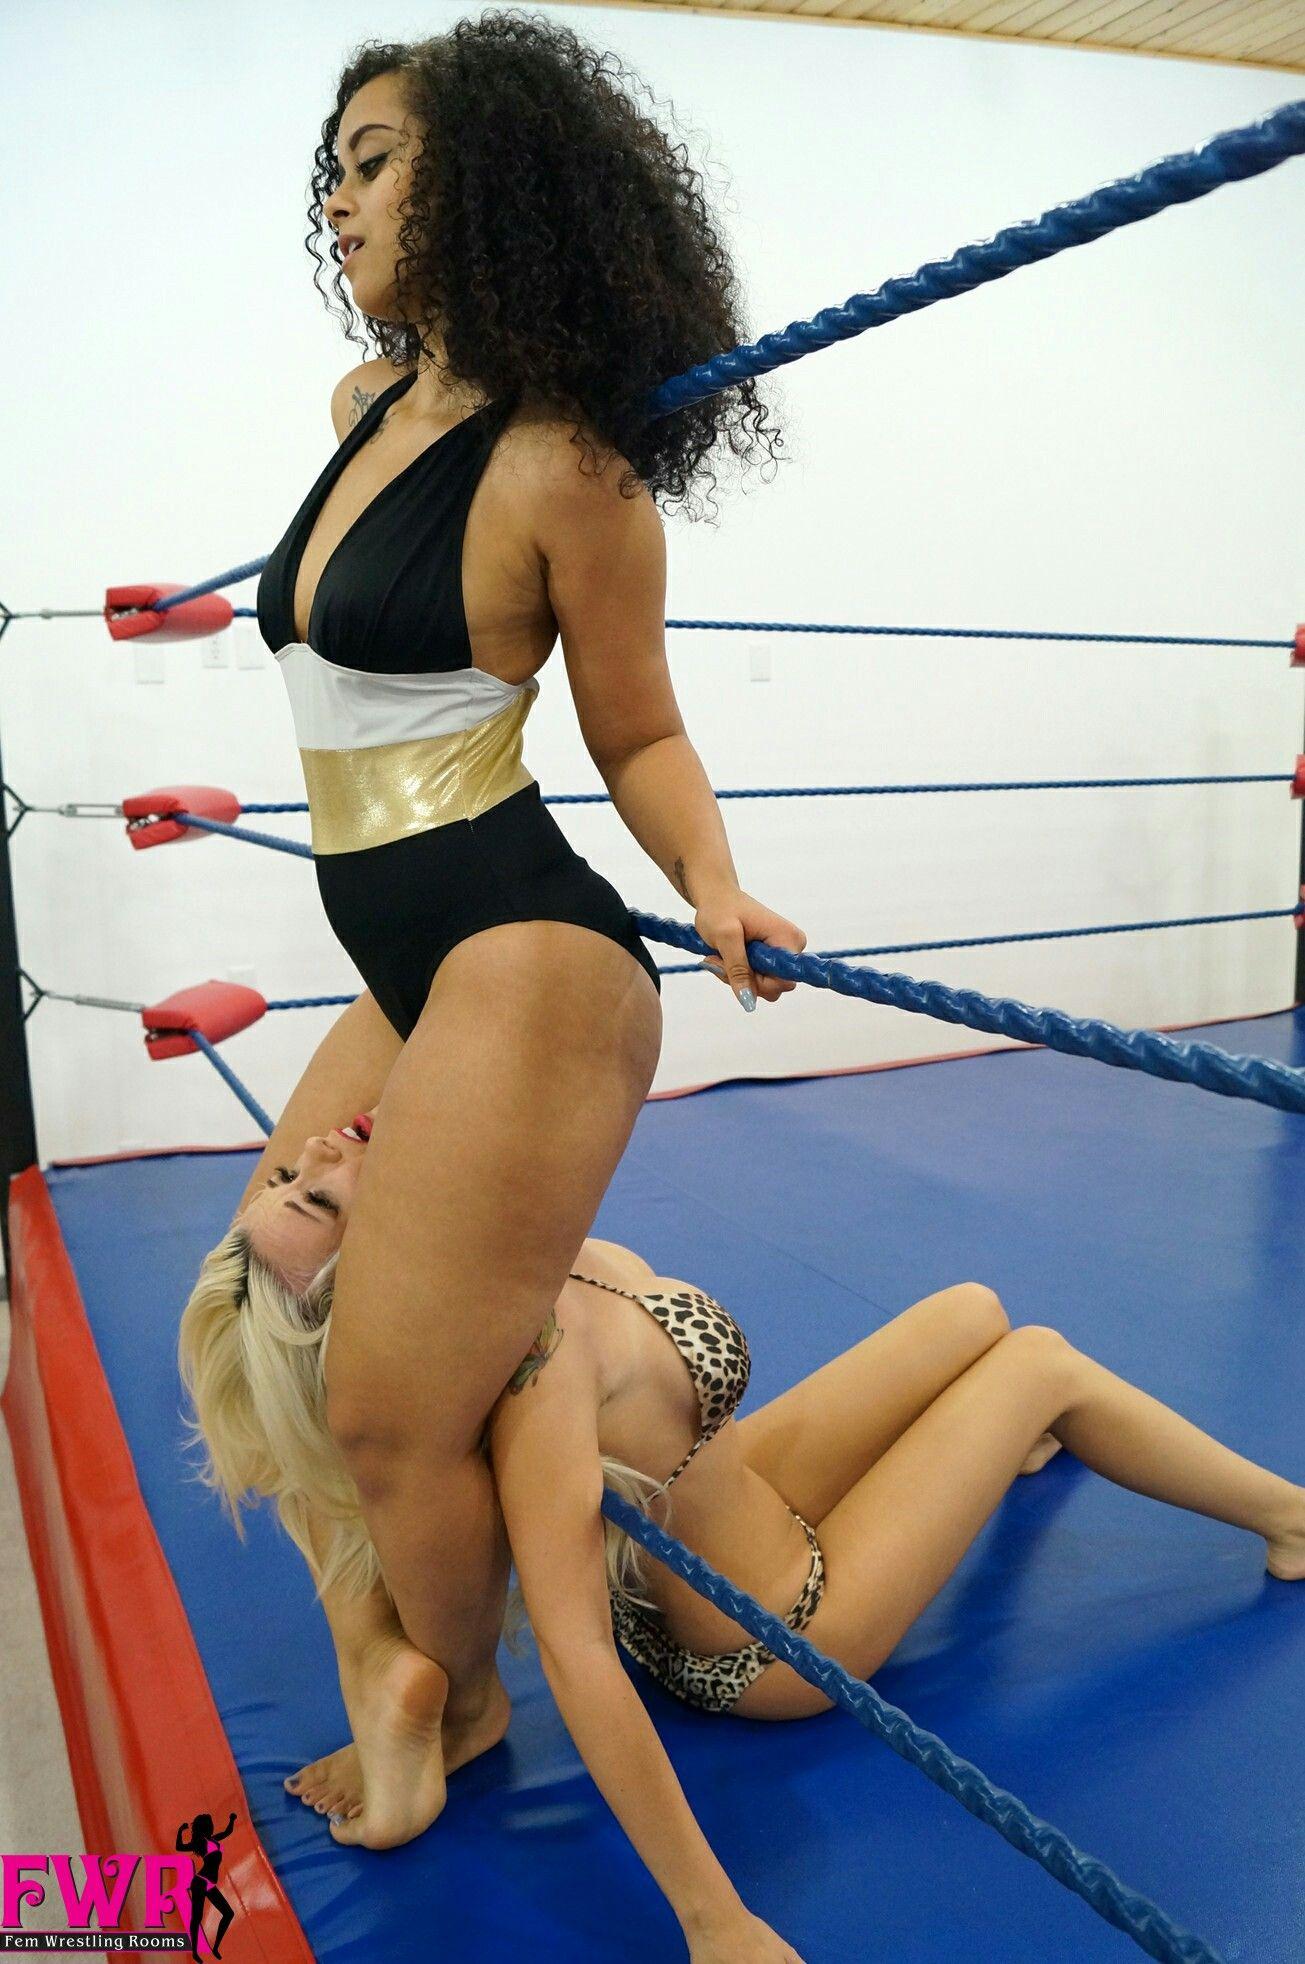 Pin von Belles Amazones auf Women Wrestling Adults